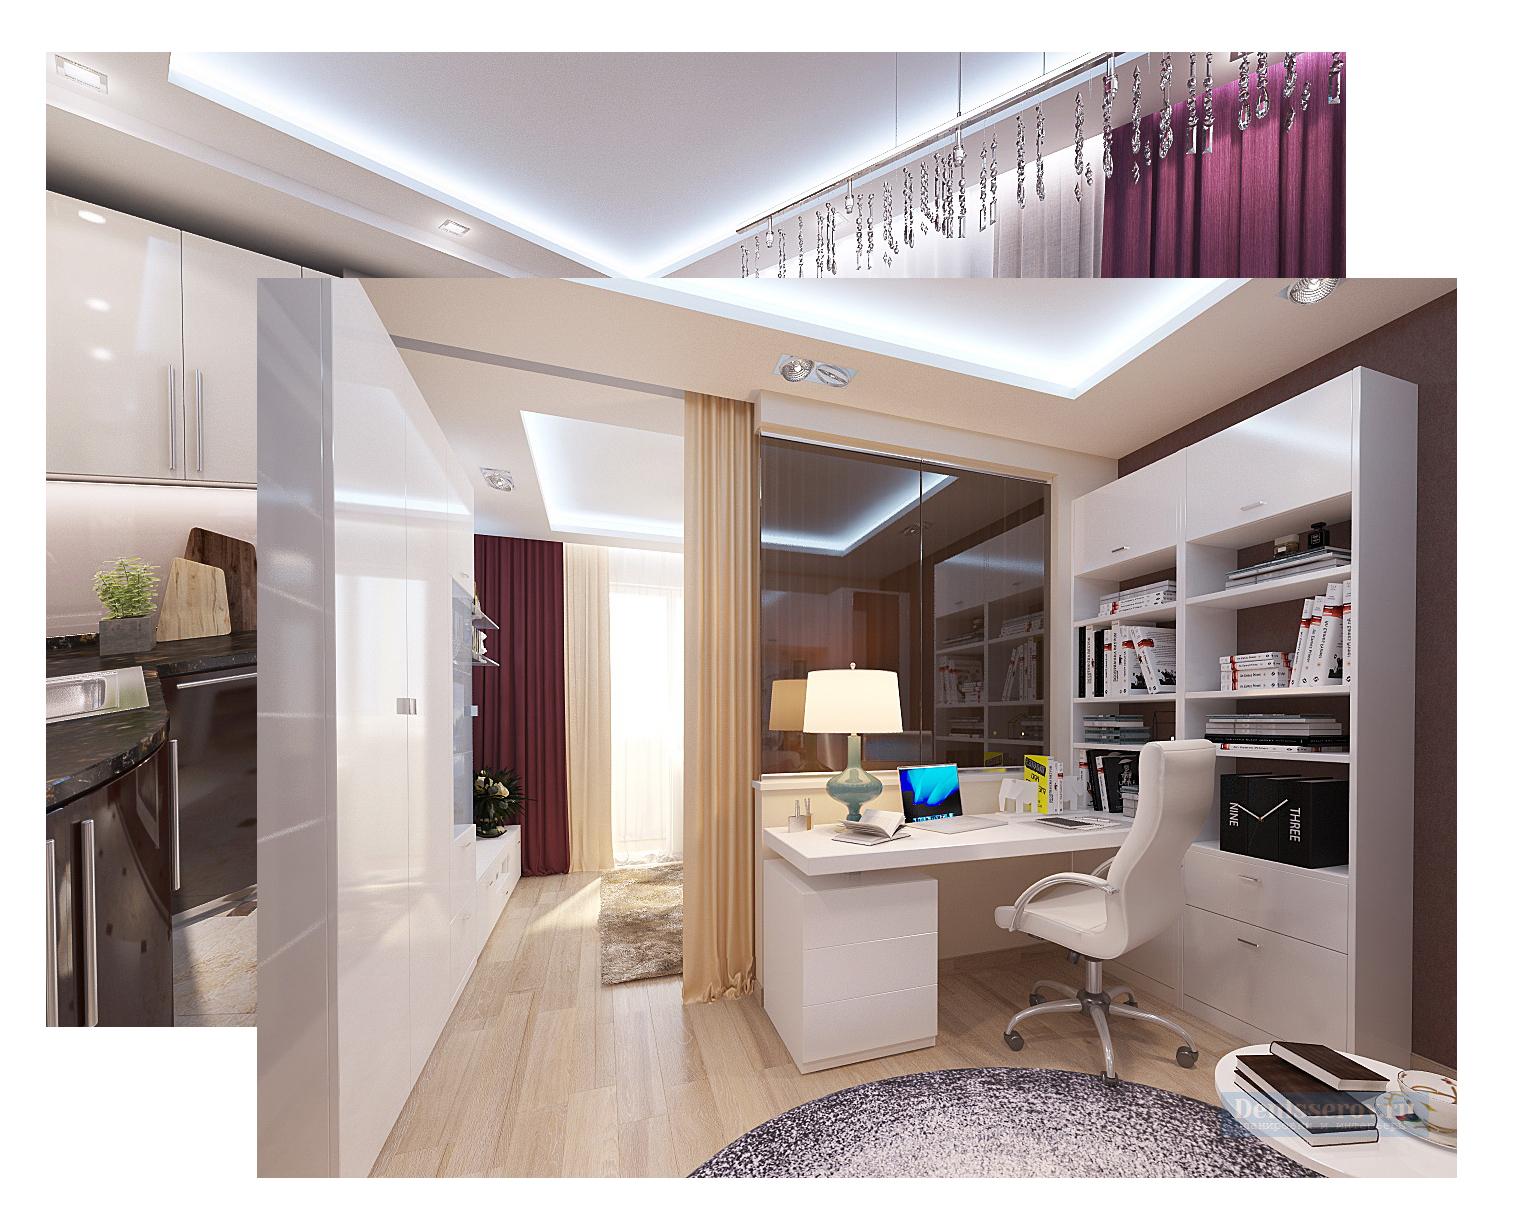 дизайн малогабаритных кухонь фото